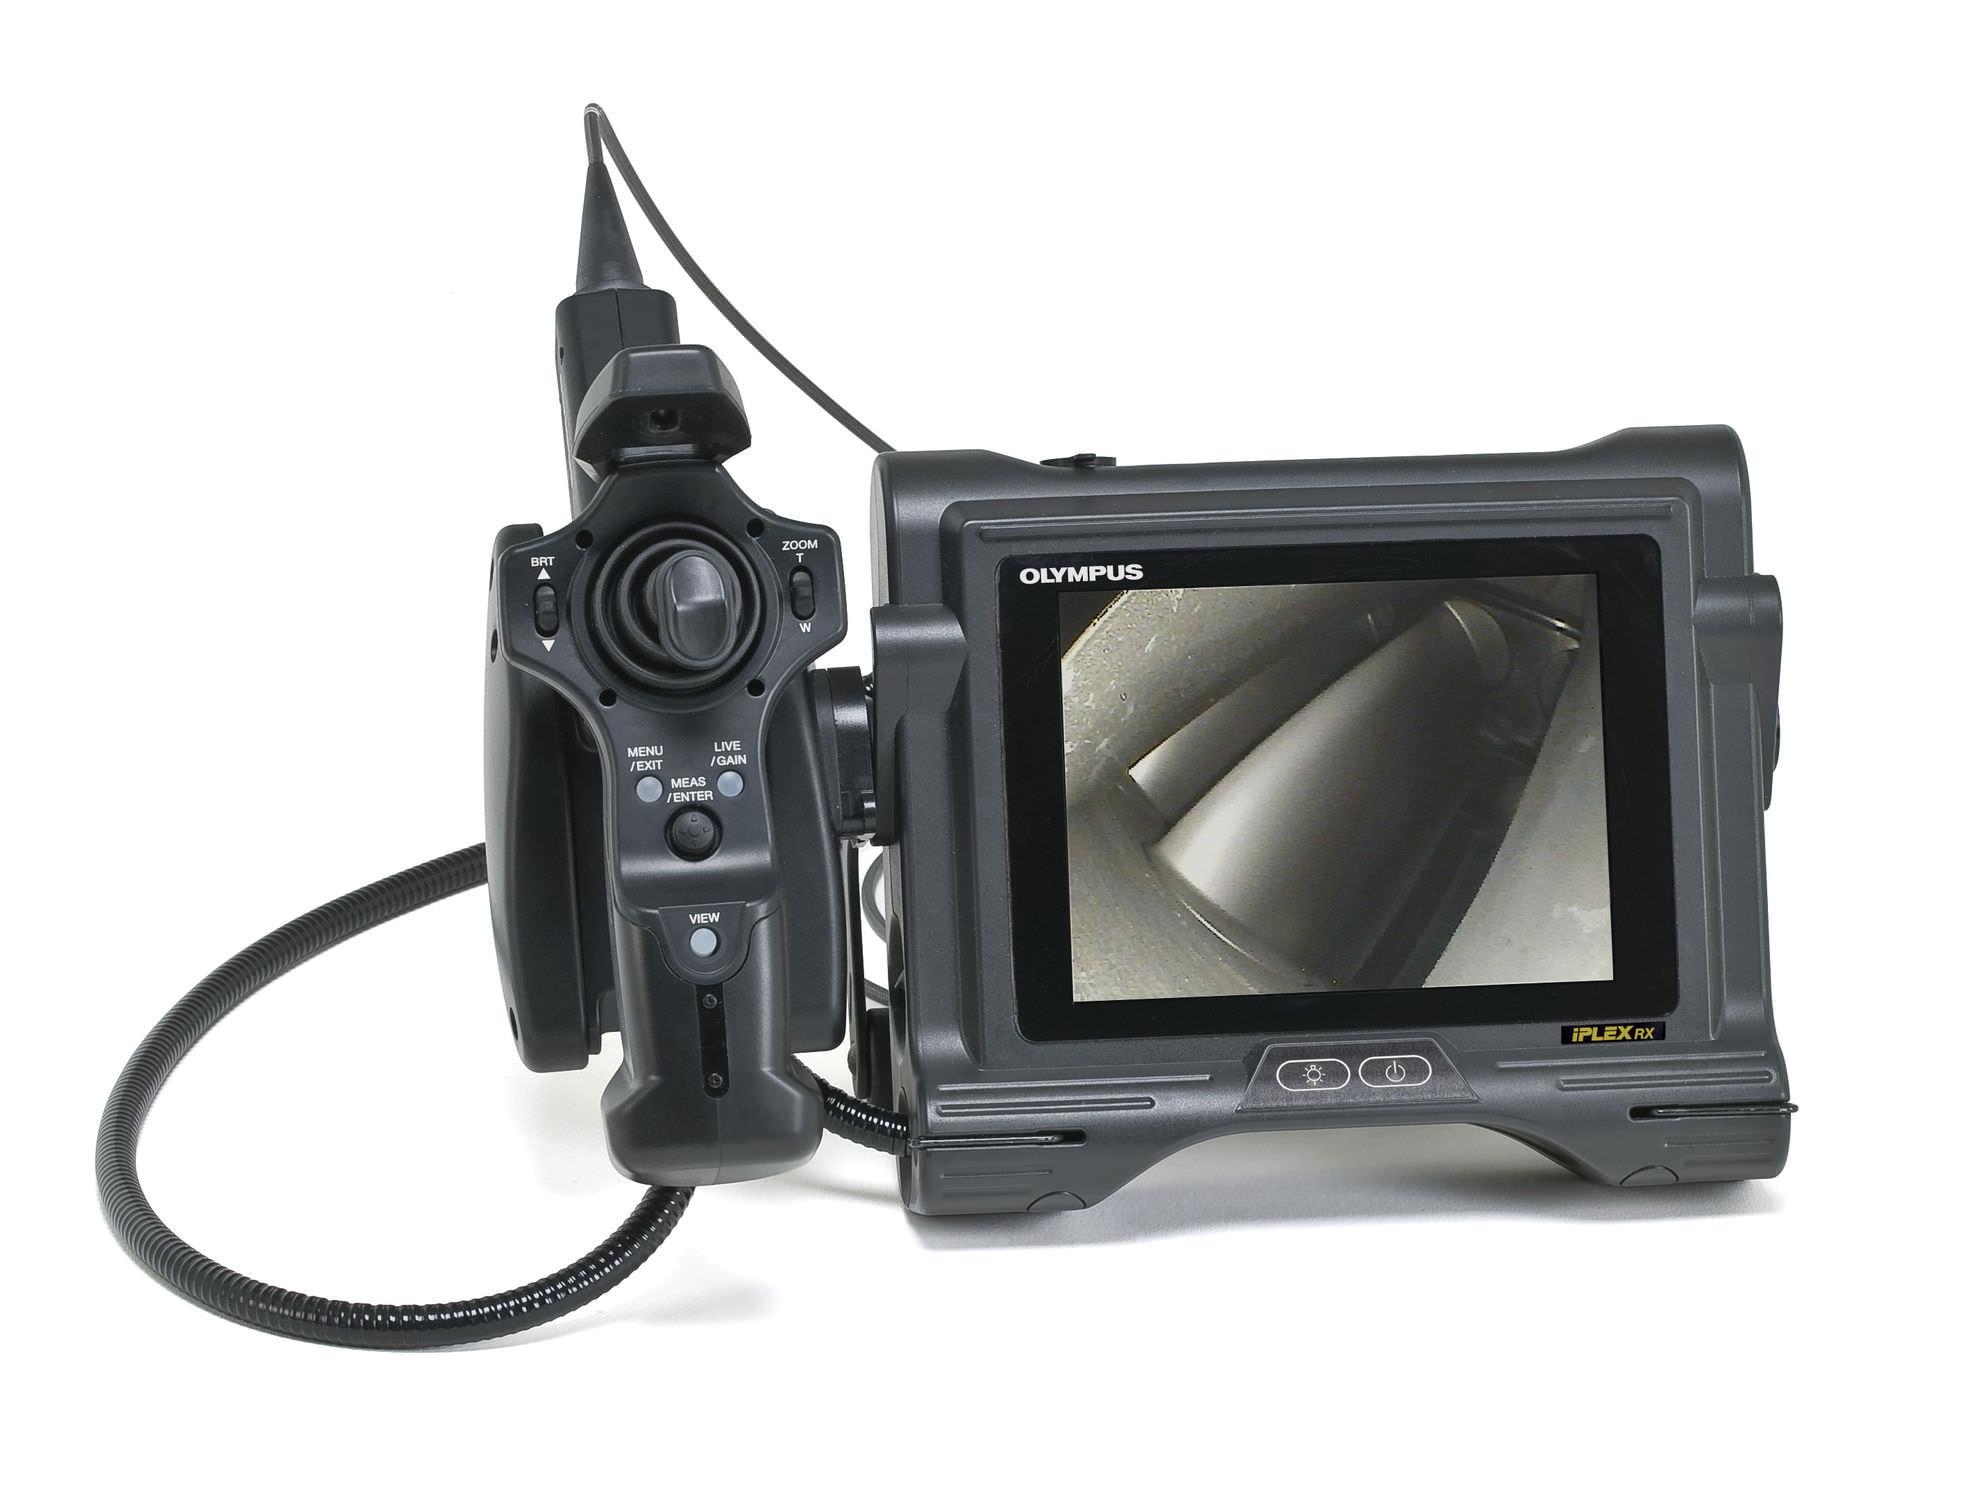 IPLEX RX - IV9435RX